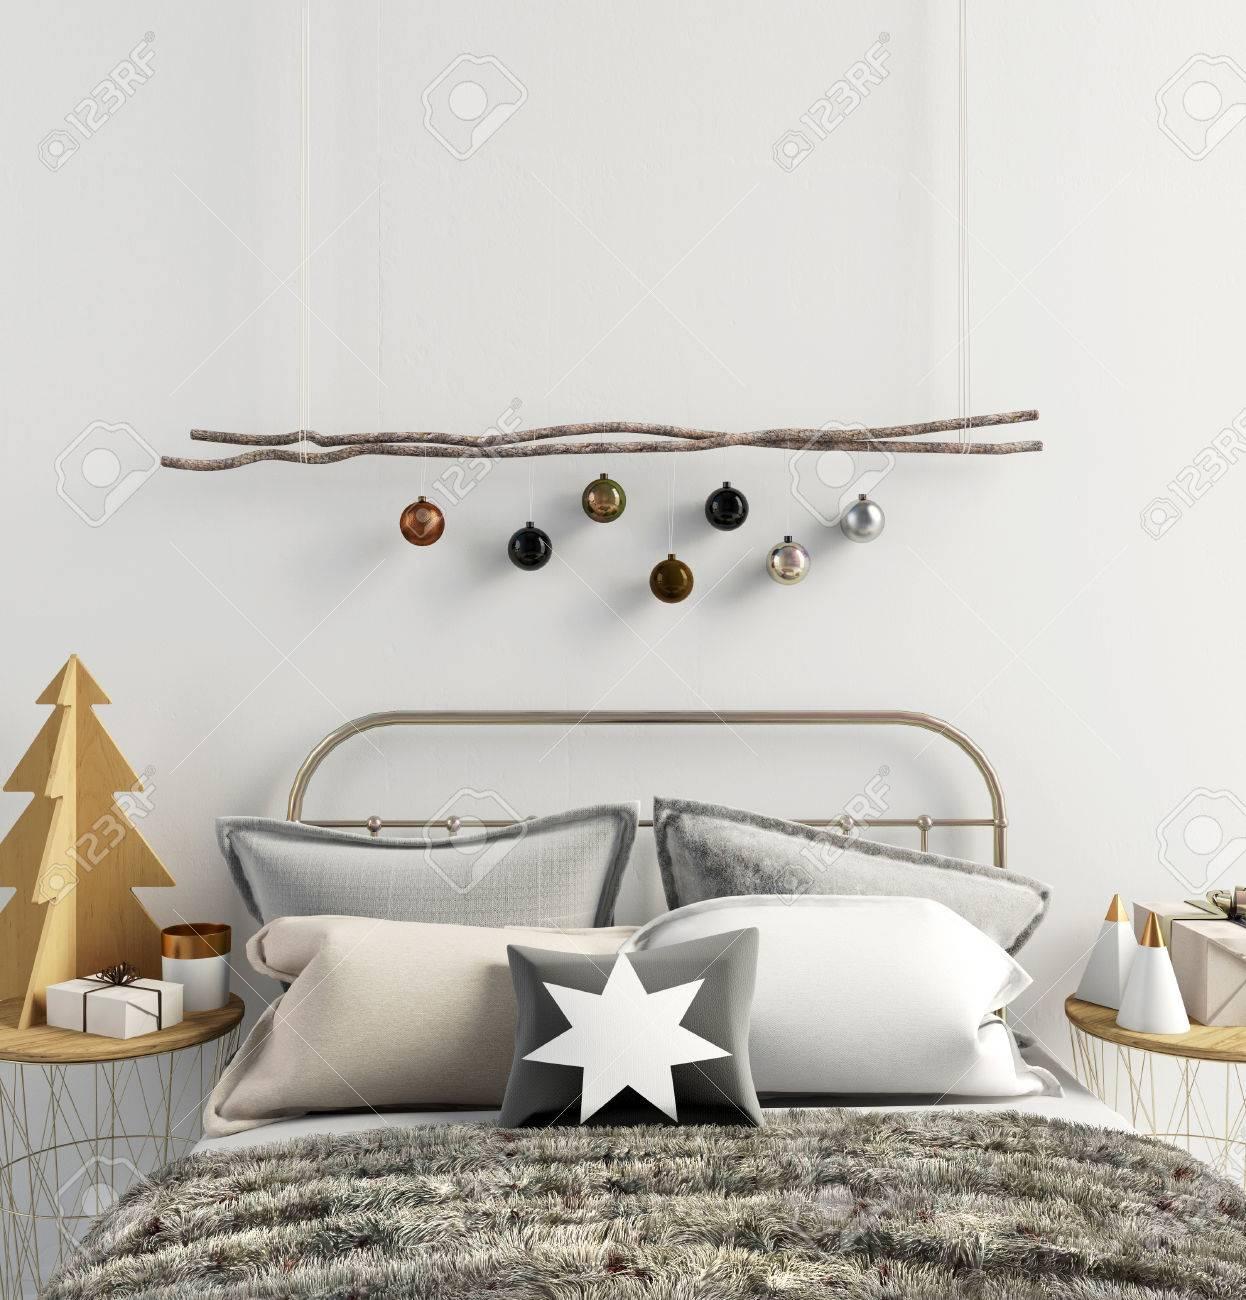 Beau Banque Du0027images   Intérieur Moderne De Noël De La Chambre à Coucher, Style  Scandinave. Illustration 3D Affiche Maquette